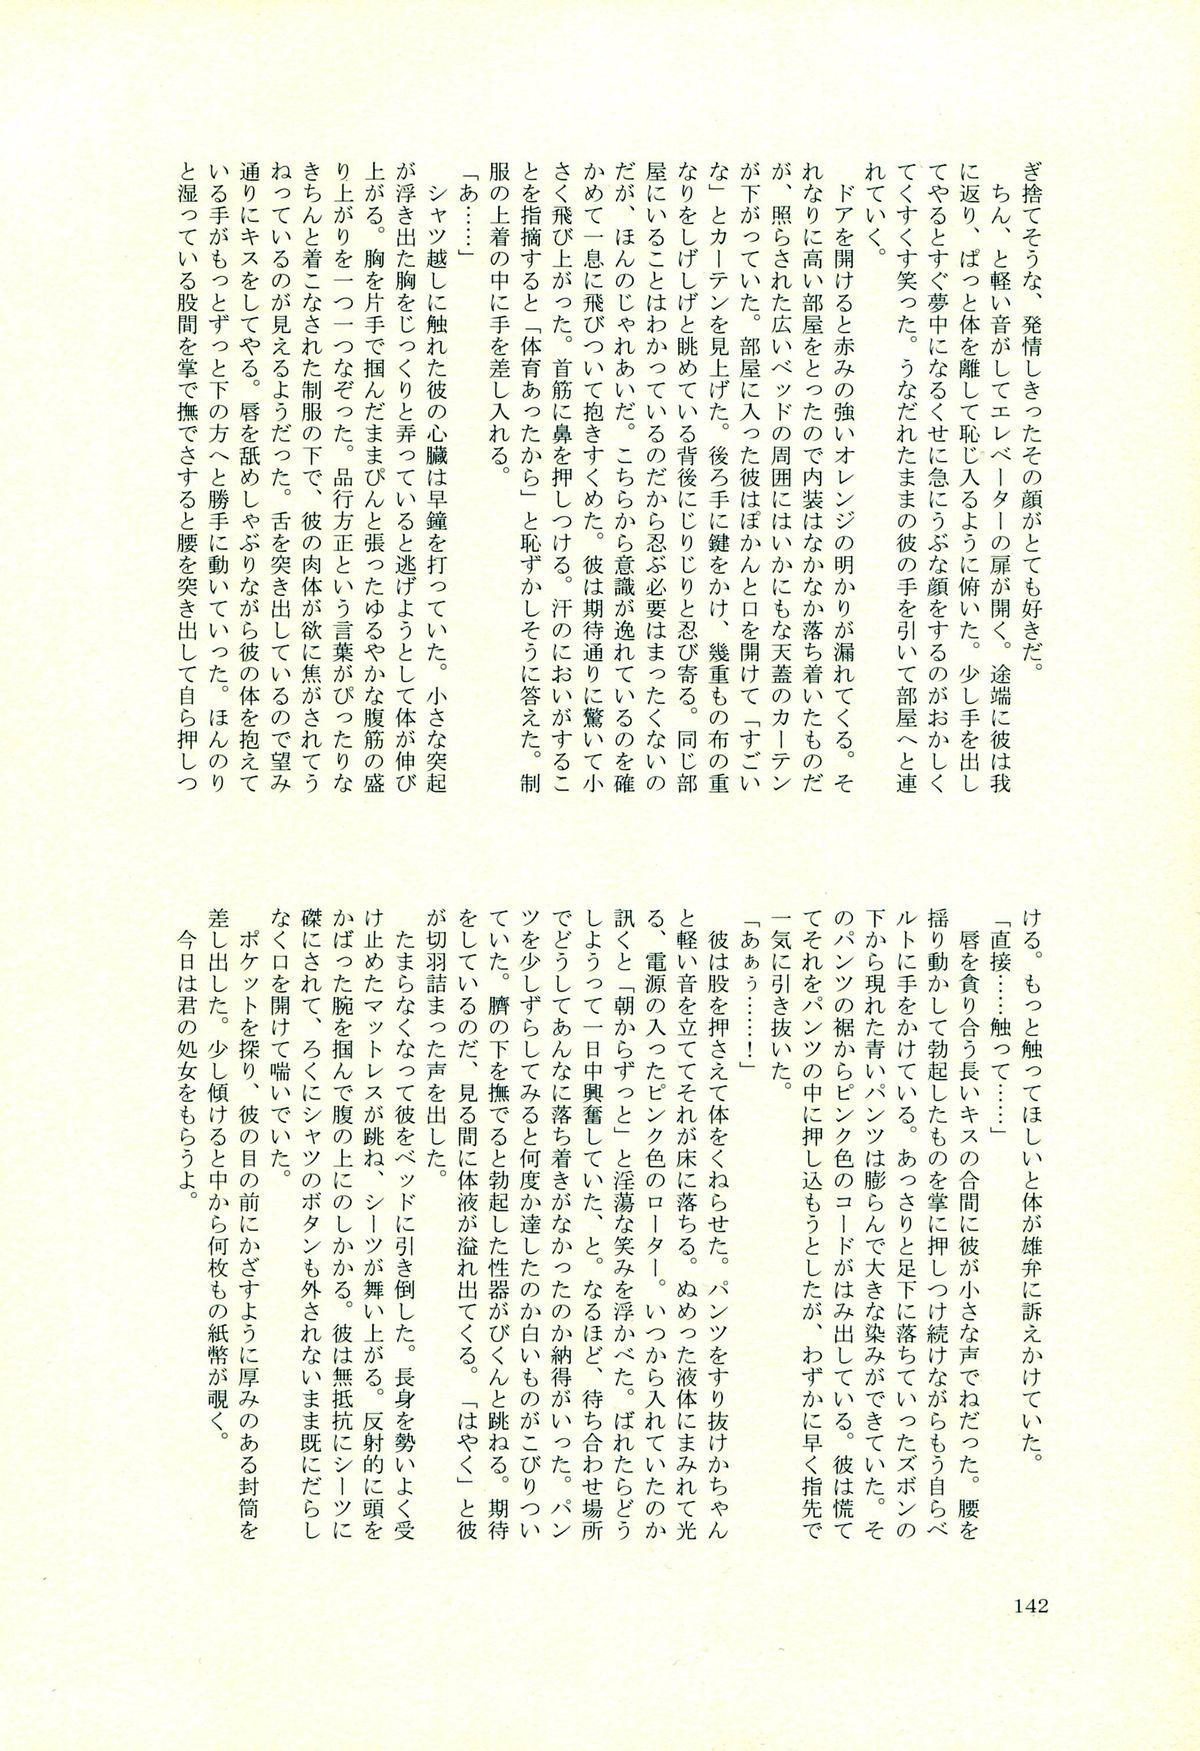 Hinata Hajime no Himitsu no Jikan 140